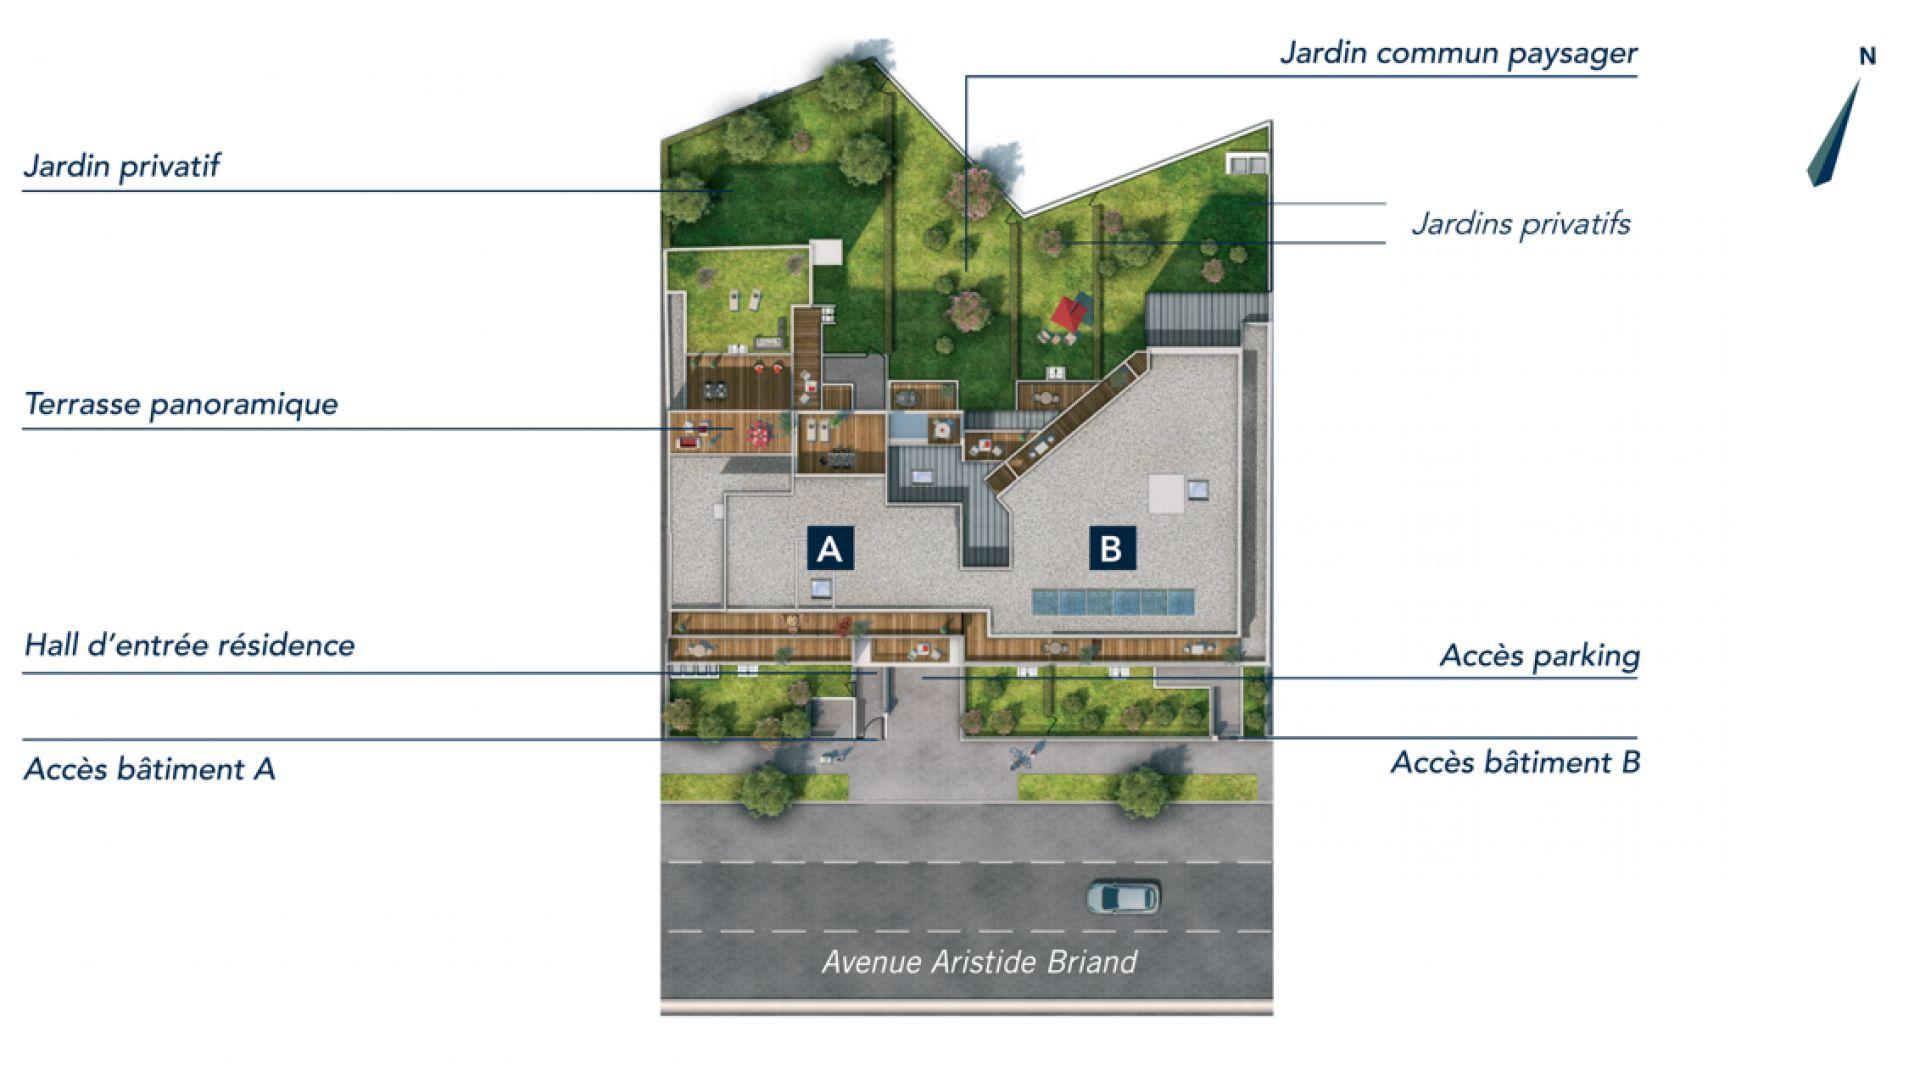 Greencity Immobilier - Résidence Cours Briand - 93190 Livry-Gargan - appartements neufs du T1 au T4Duplex - plan de masse